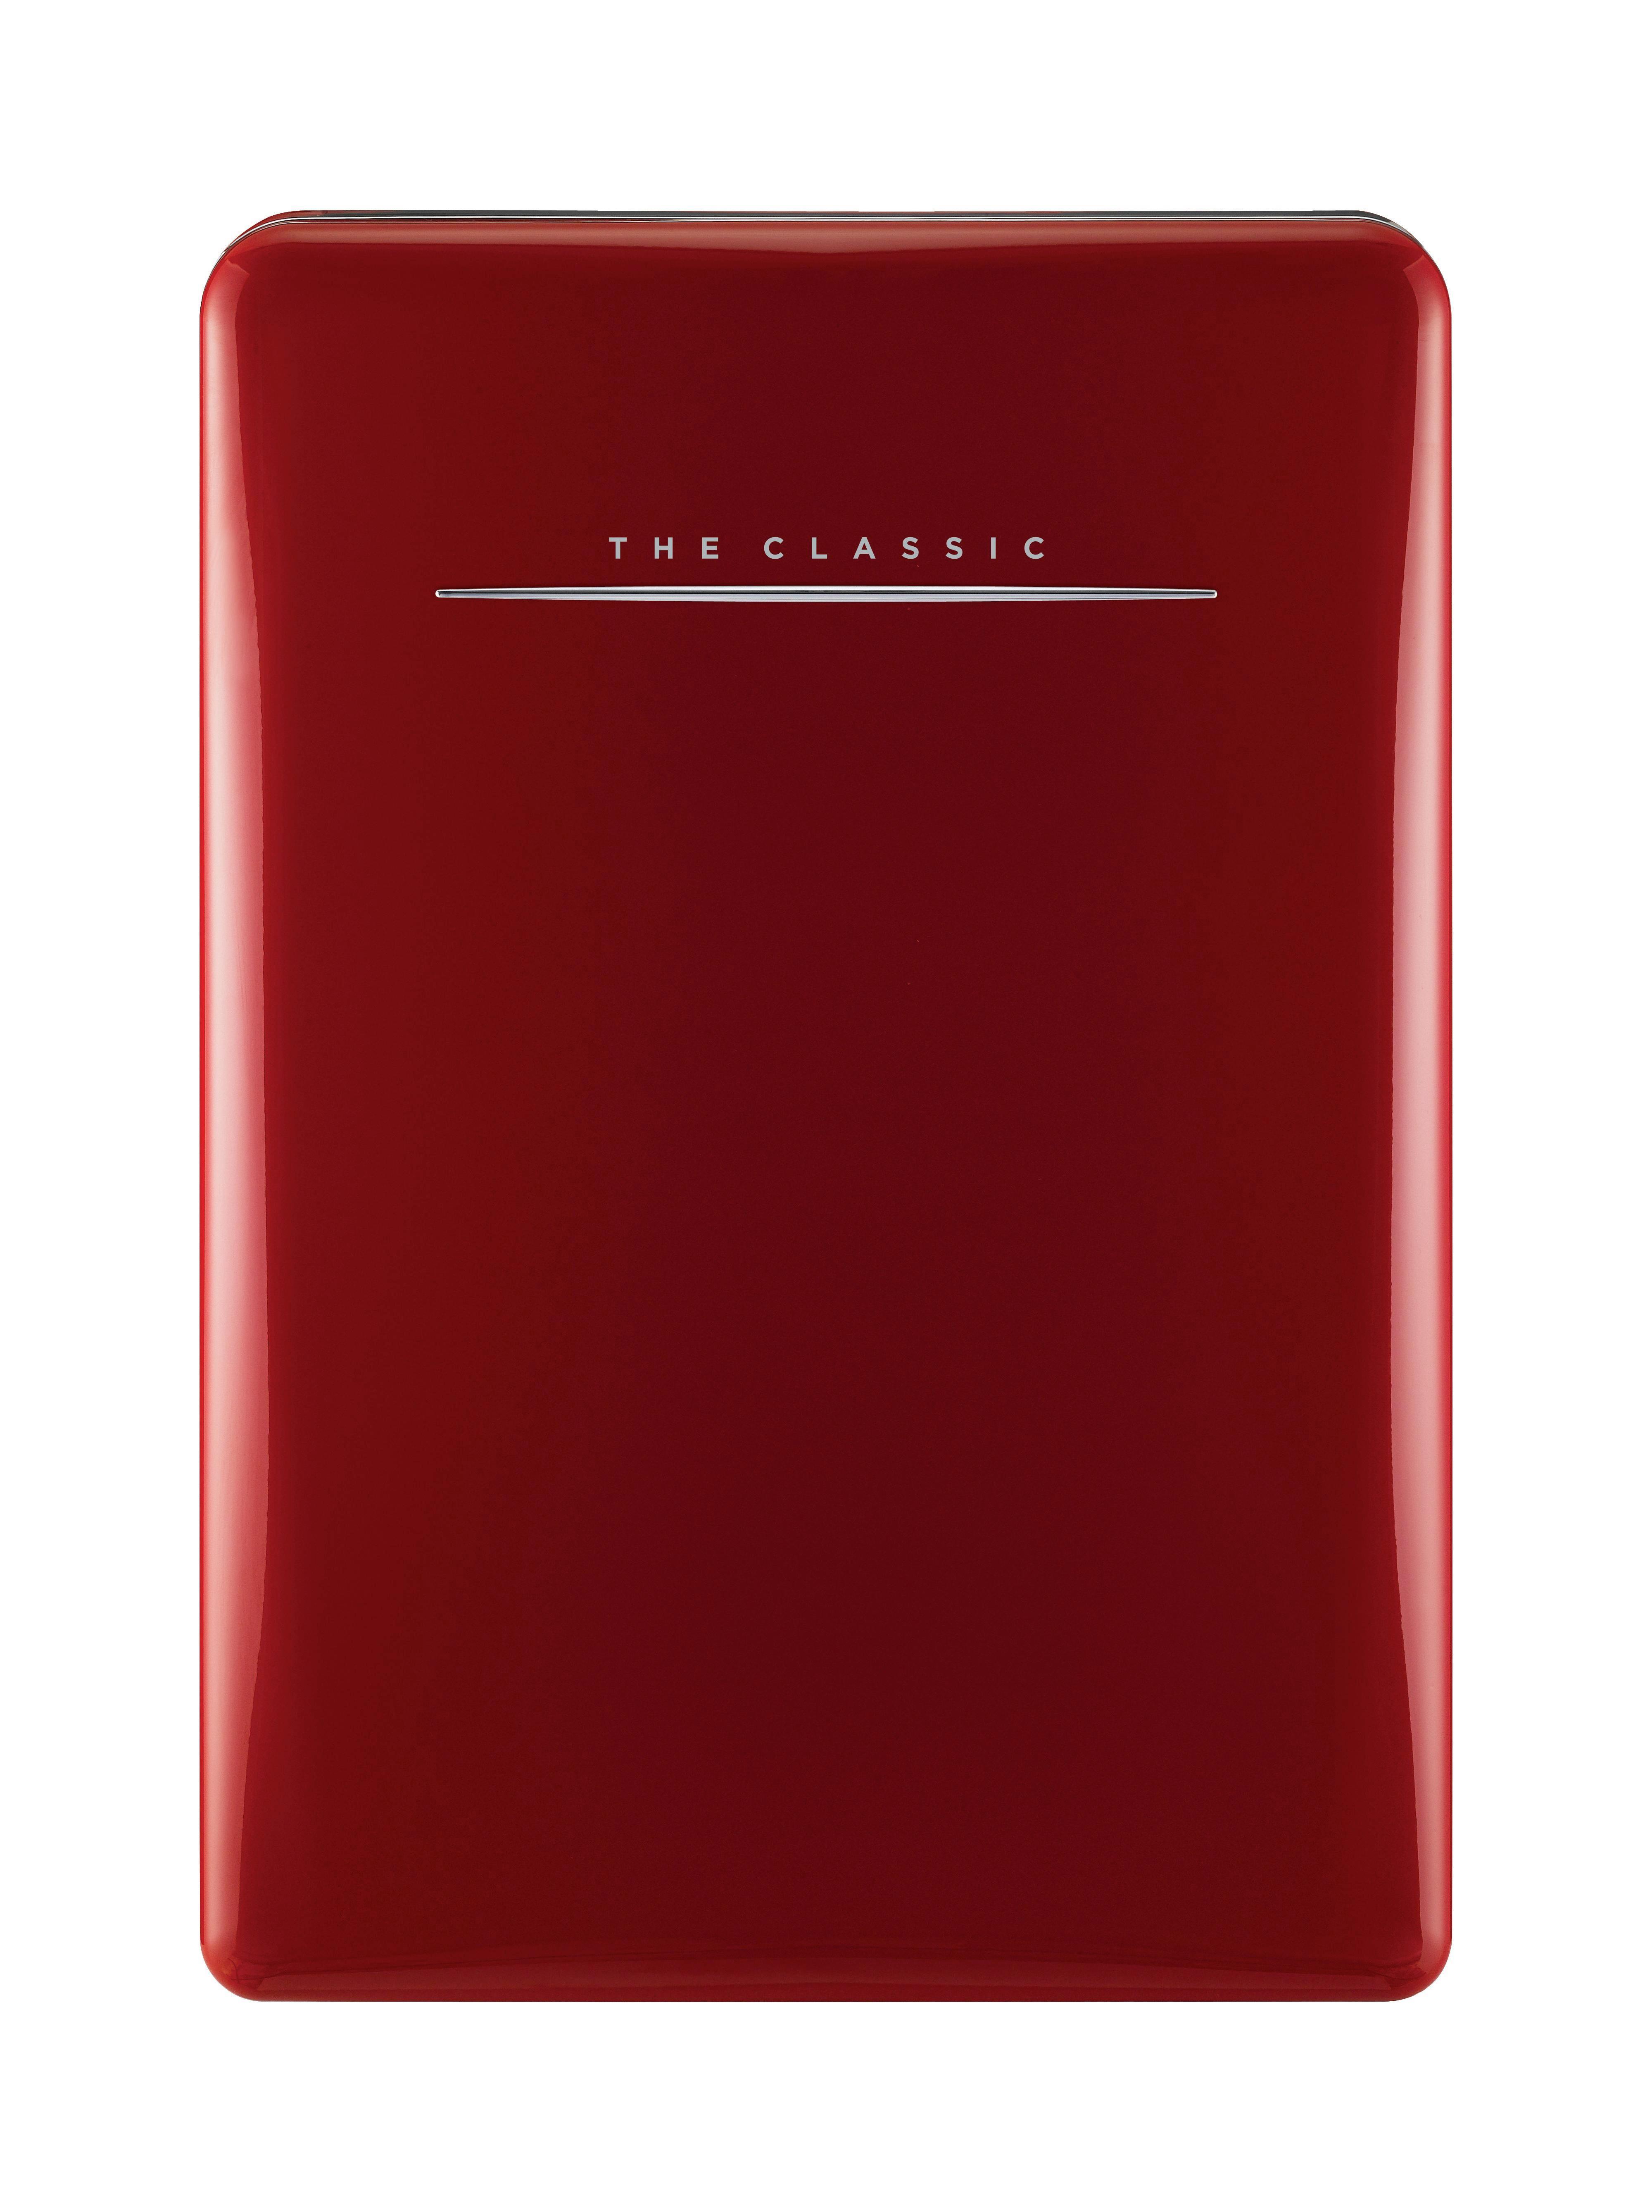 Retro Kühlschrank Rot : Bikitchen kühlschrank retro cool rot online kaufen ➤ möbelix